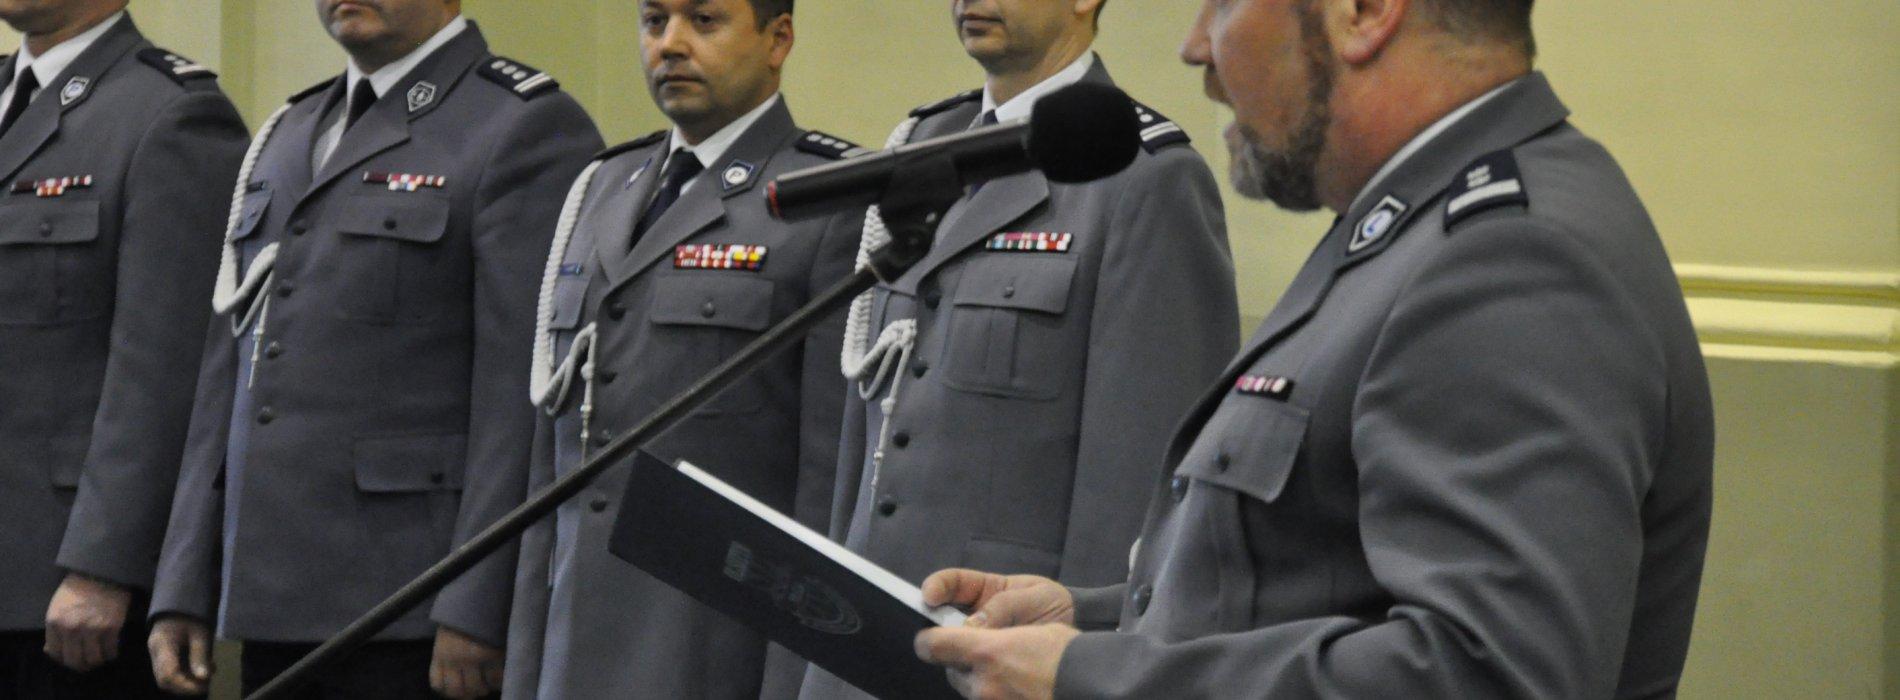 POŻEGNANIE I ZASTĘPCY KOMENDANTA WOJEWÓDZKIEGO POLICJI W OLSZTYNIE